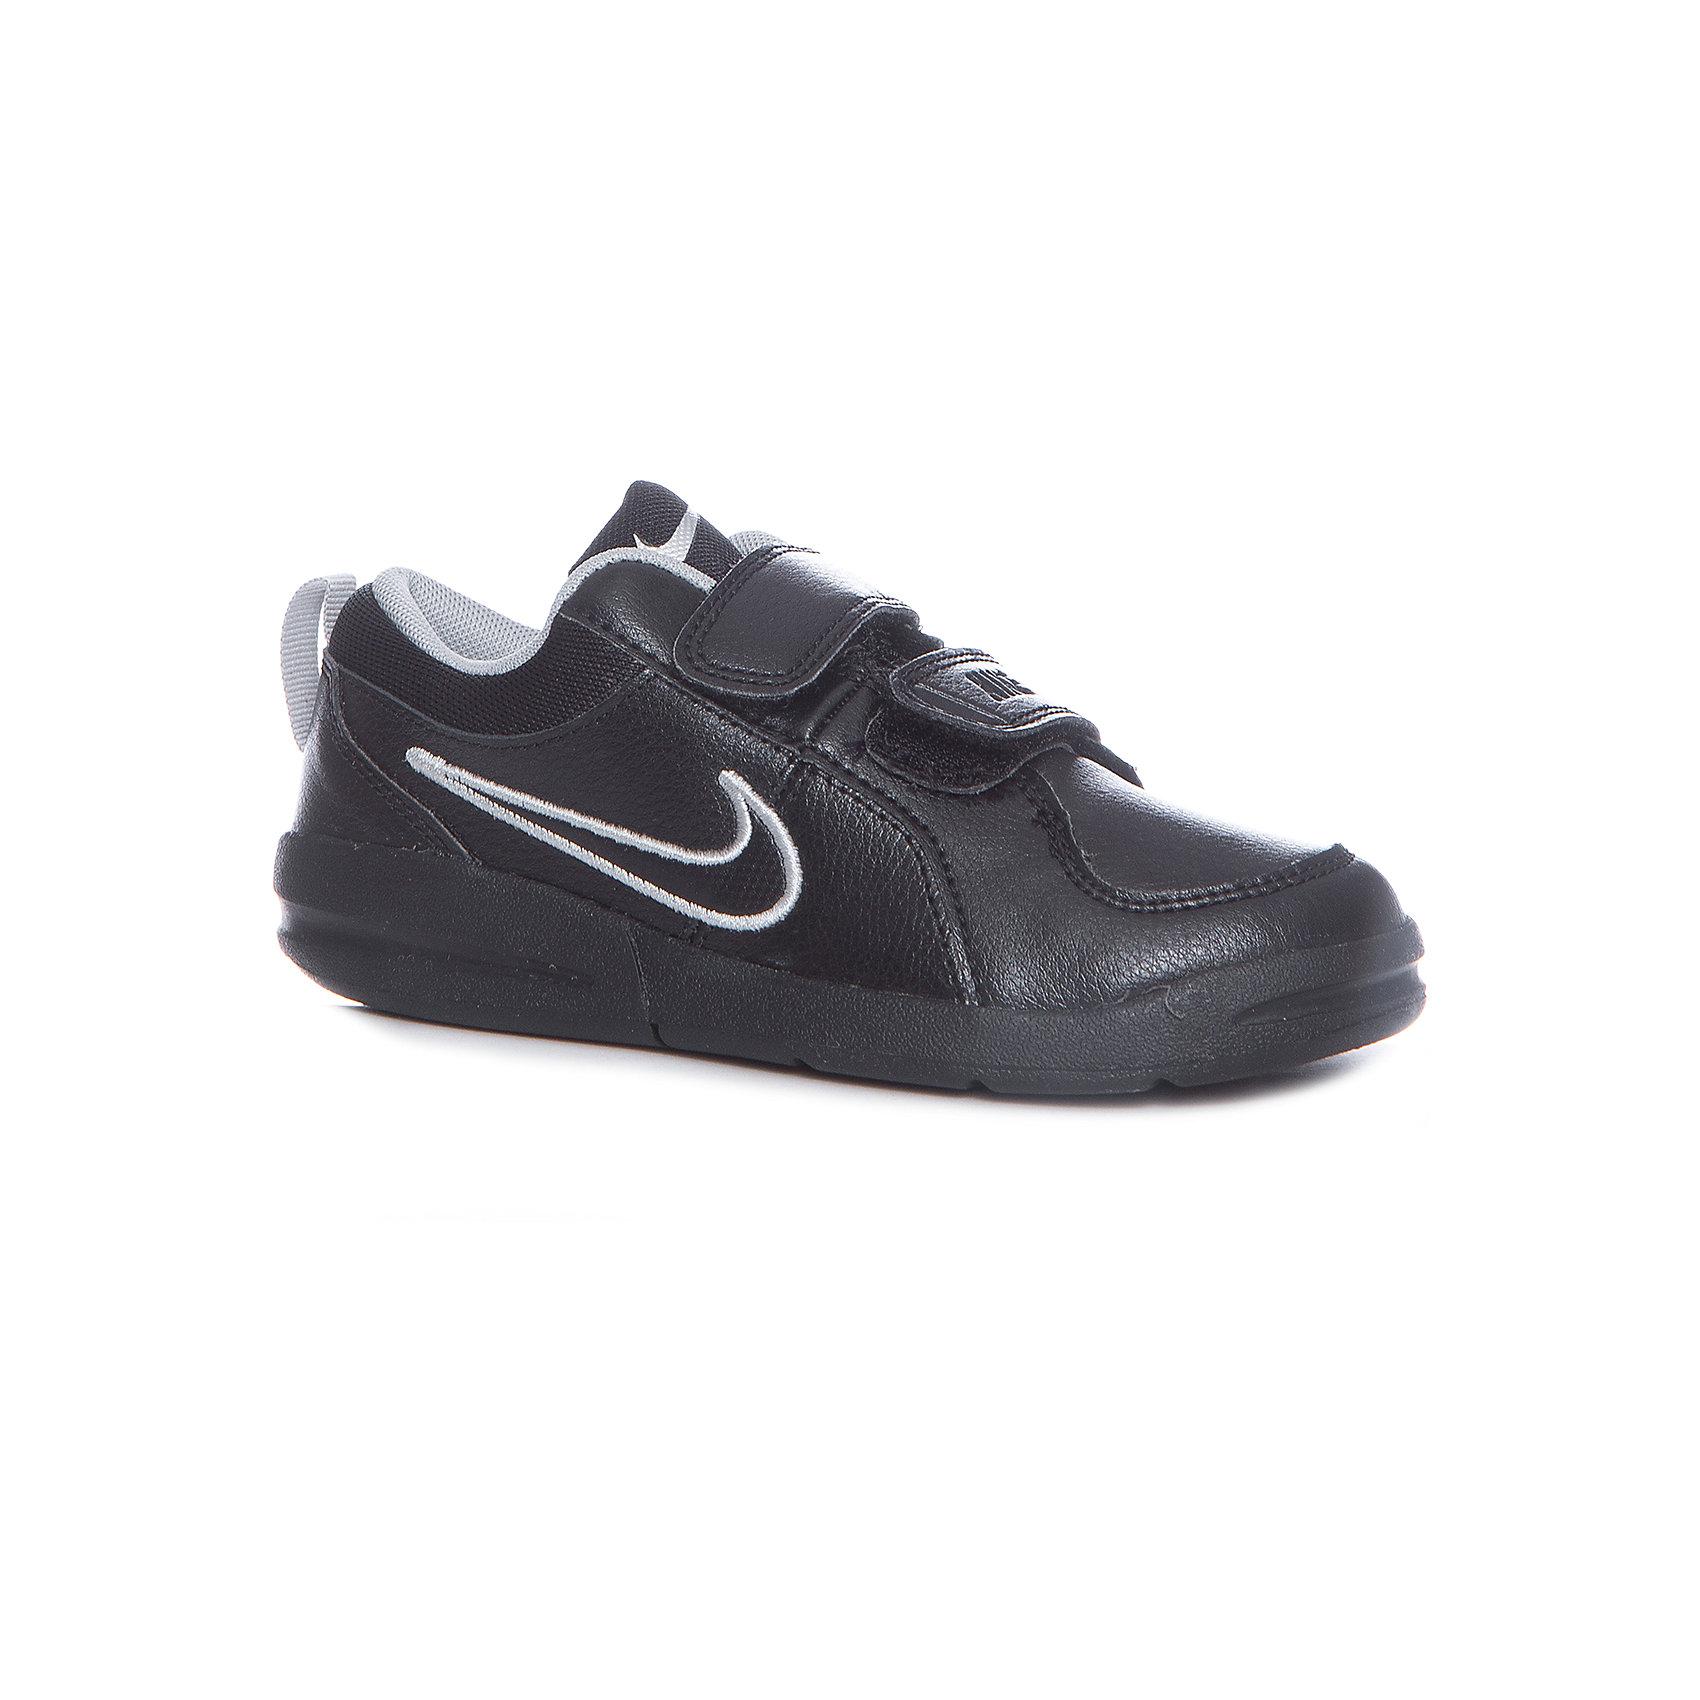 Кроссовки Nike Pico 4 (PSV) для мальчикаКроссовки<br>Характеристики товара:<br><br>• цвет: черный<br>• спортивный стиль<br>• внешний материал обуви: искусственная кожа, кожа<br>• внутренний материал: текстиль<br>• стелька: текстиль<br>• подошва: резина<br>• декорированы логотипом<br>• вставка в подошве для мягкой амортизации<br>• тип застежки: липучка<br>• сезон: весна, лето<br>• температурный режим: от +10°С до +20°С<br>• устойчивая подошва<br>• защищенный мыс и пятка<br>• износостойкий материал<br>• коллекция: весна-лето 2017<br>• страна бренда: США<br>• страна изготовитель: Индонезия<br><br>Продукция бренда NIKE известна высоким качеством, уникальным узнаваемым дизайном и проработанными деталями, которые создают удобство при занятиях спортом и долгой ходьбе. Натуральная кожа в качестве внутреннего материала помогает этой модели обеспечить ребенку комфорт и предотвратить натирание.<br><br>Уход за такой обувью прост, она легко чистится и быстро сушится. Надевается элементарно благодаря удобной липучке.<br><br>Обувь качественно проработана, она долго служит, удобно сидит, отлично защищает детскую ногу от повреждений. Стильно выглядит и хорошо смотрится с одеждой разных цветов и стилей.<br><br>Кроссовки NIKE (Найк) можно купить в нашем интернет-магазине.<br><br>Ширина мм: 250<br>Глубина мм: 150<br>Высота мм: 150<br>Вес г: 250<br>Цвет: белый<br>Возраст от месяцев: 96<br>Возраст до месяцев: 108<br>Пол: Мужской<br>Возраст: Детский<br>Размер: 31,33.5,32,28.5,30.5,29,27.5,34,33,30,28.5,26.5,28,31.5,27<br>SKU: 3969327